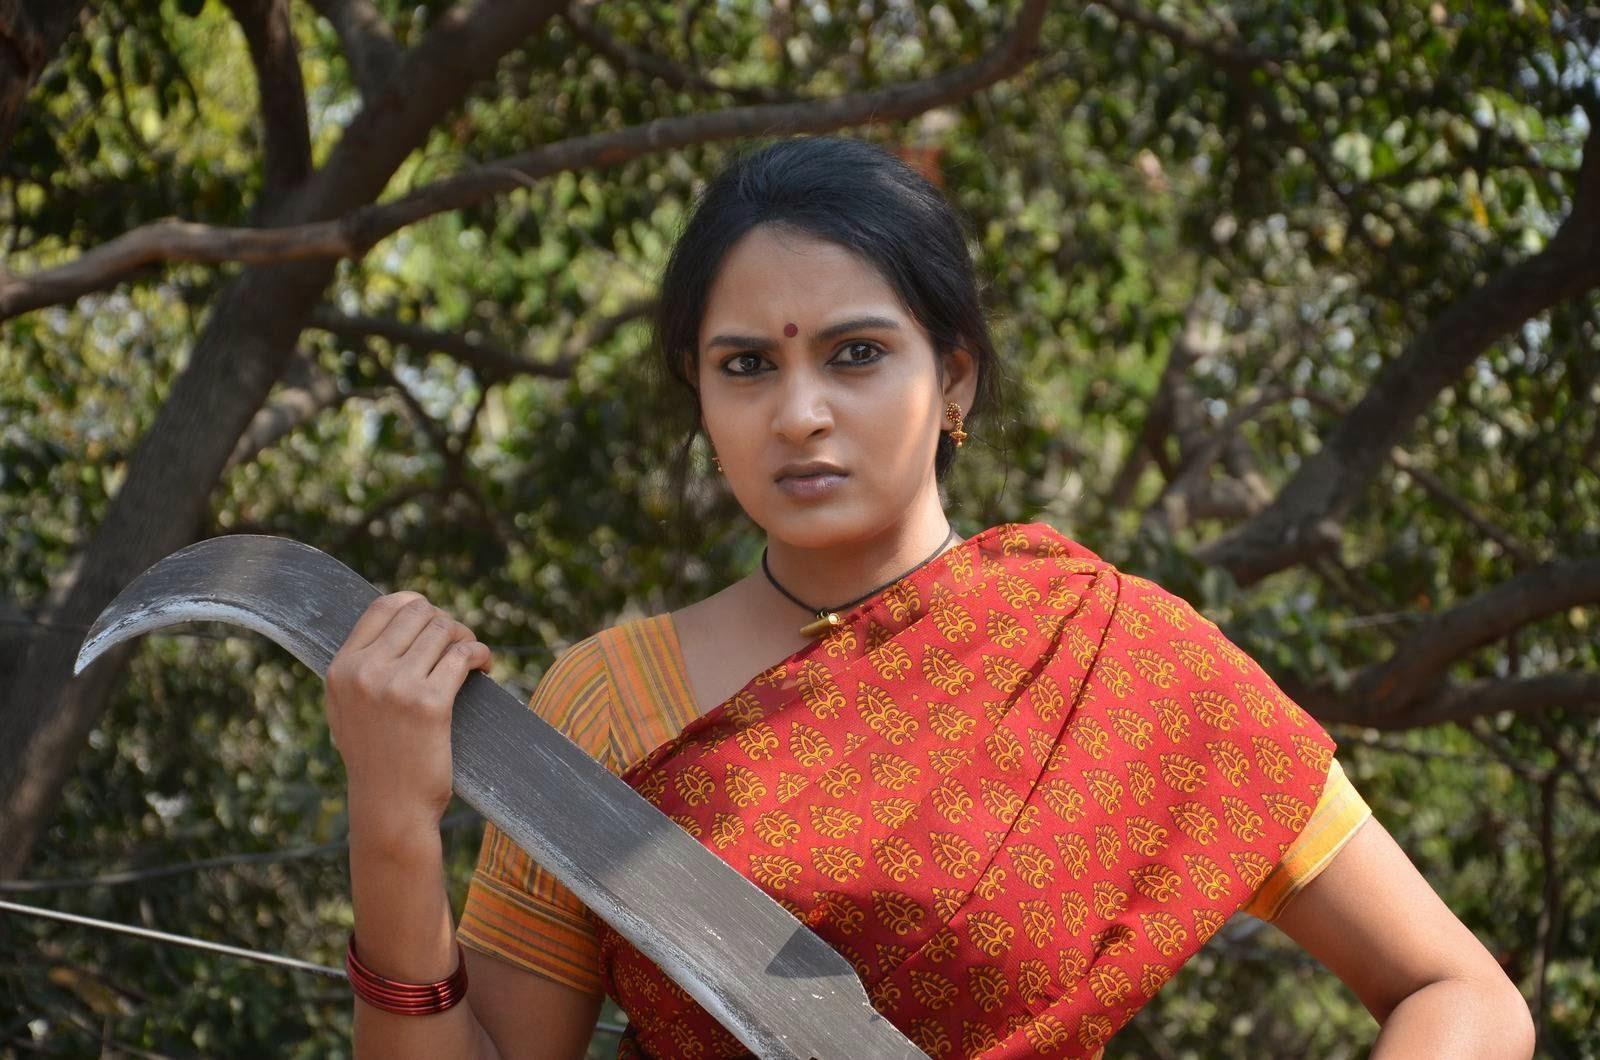 Himaja-Veta Kodavallu Telugu Cinema Wallpapers, Telegu Actress Himaja Hot Pics In sare from Veta Kodavallu Movie